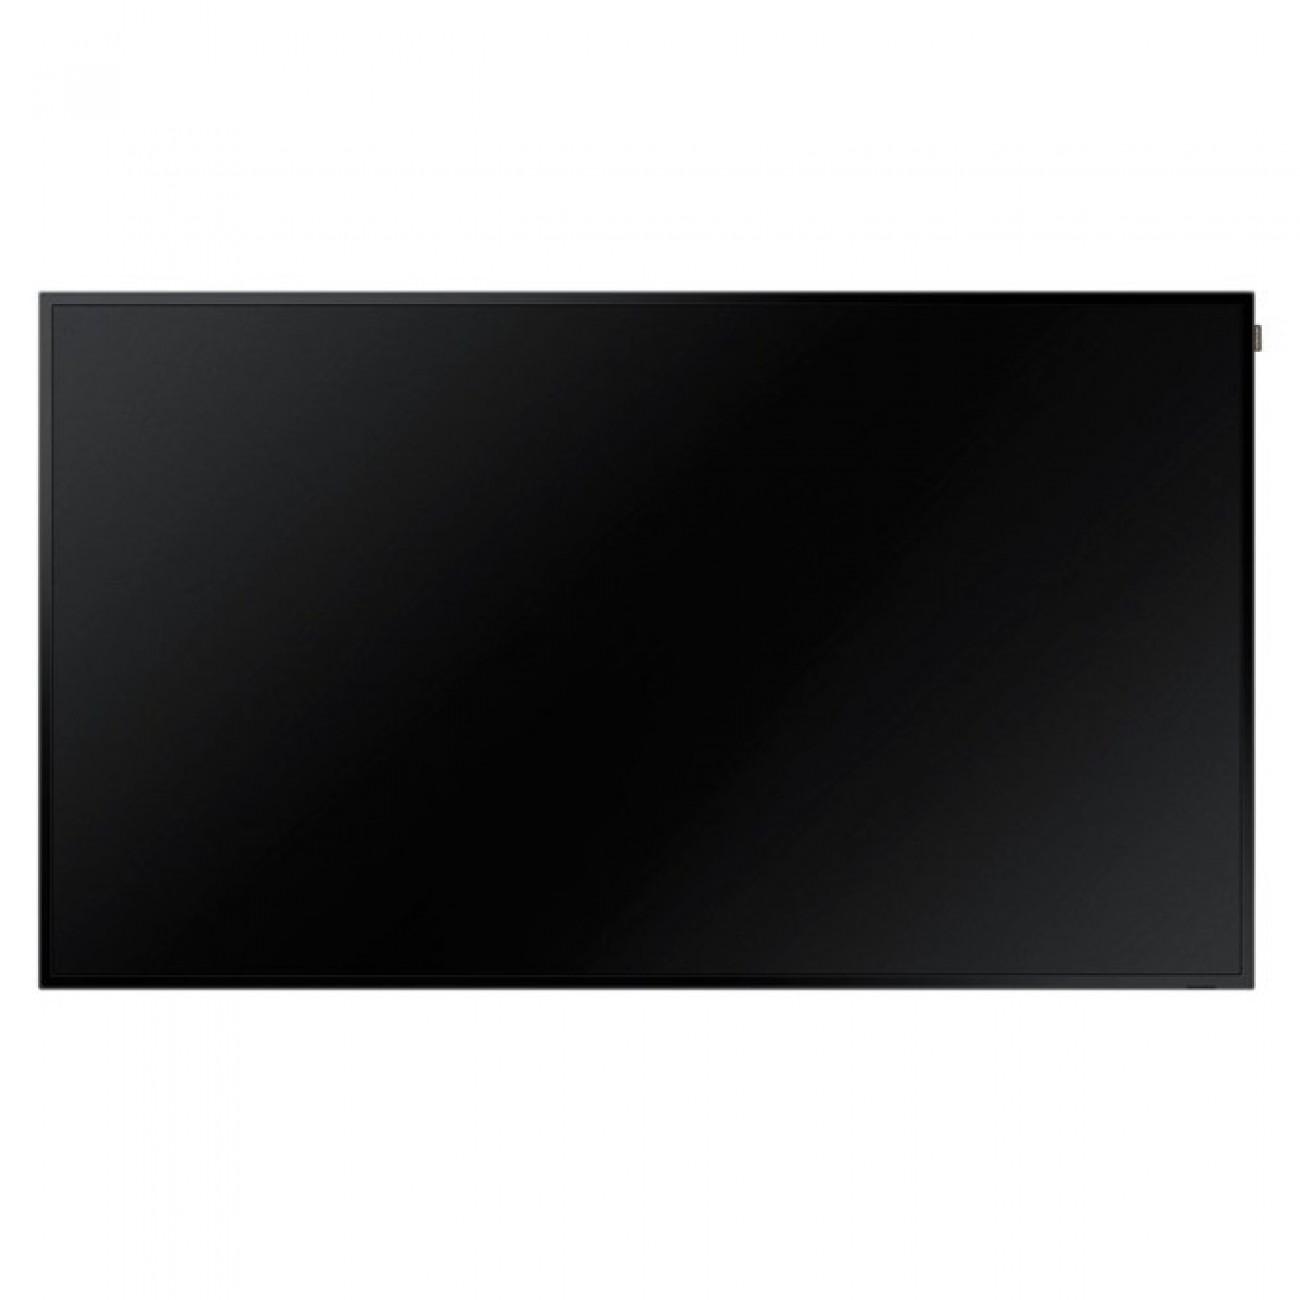 Публичен дисплей Samsung DM82D, 82 (208.28 cm) Full HD E-LED BLU, Display Port, HDMI, DVI, D-SUB в Специализирани Монитори -  | Alleop